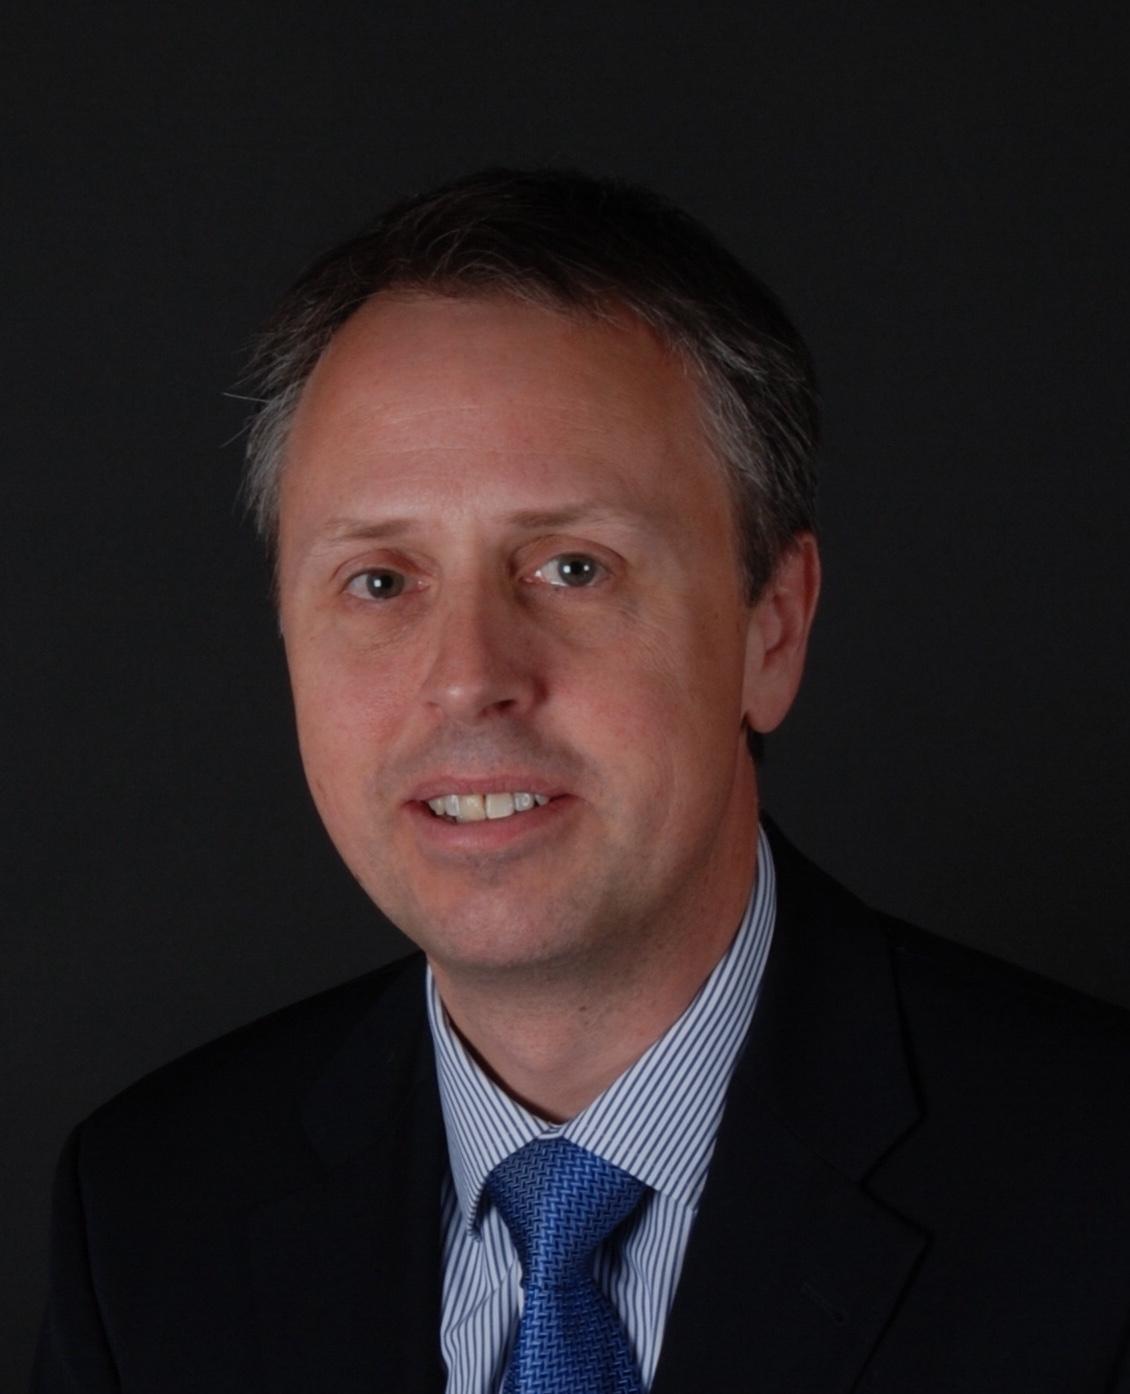 Kim Frost Fuglsang valgte at forlade topstilling hos erhvervsrejsebureauet ATPI Instone i Danmark – og er nu Business Leader i et af DFDS' mest voksende forretningsområder. Arkivfoto.